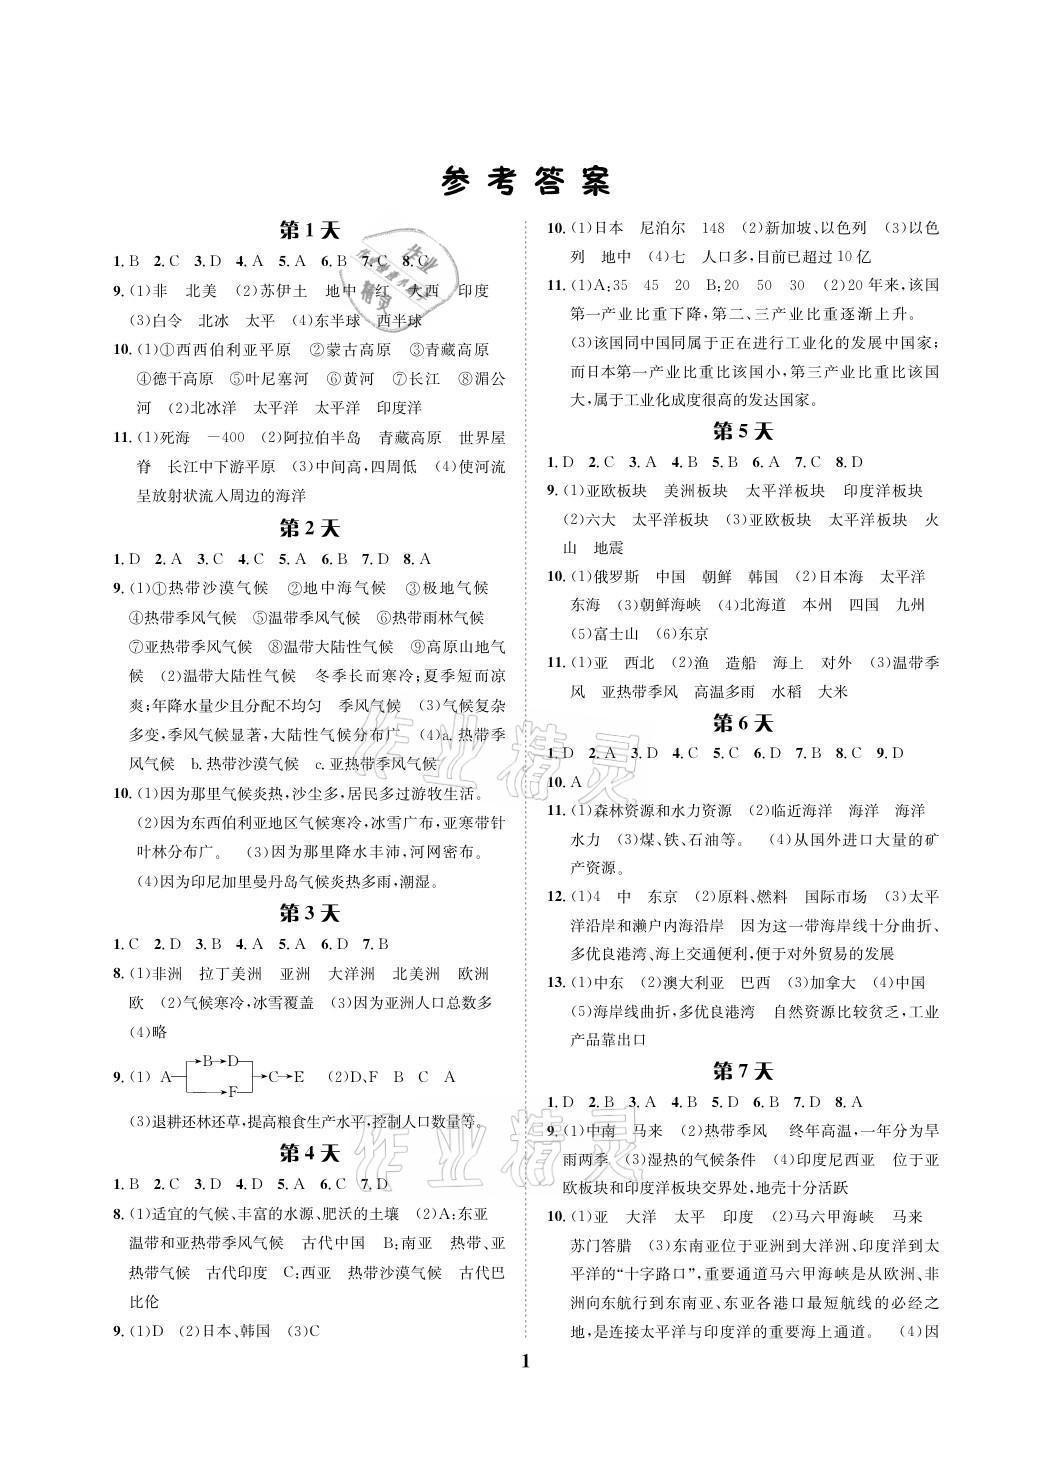 2021年暑假作業七年級地理人教版長江出版社參考答案第1頁